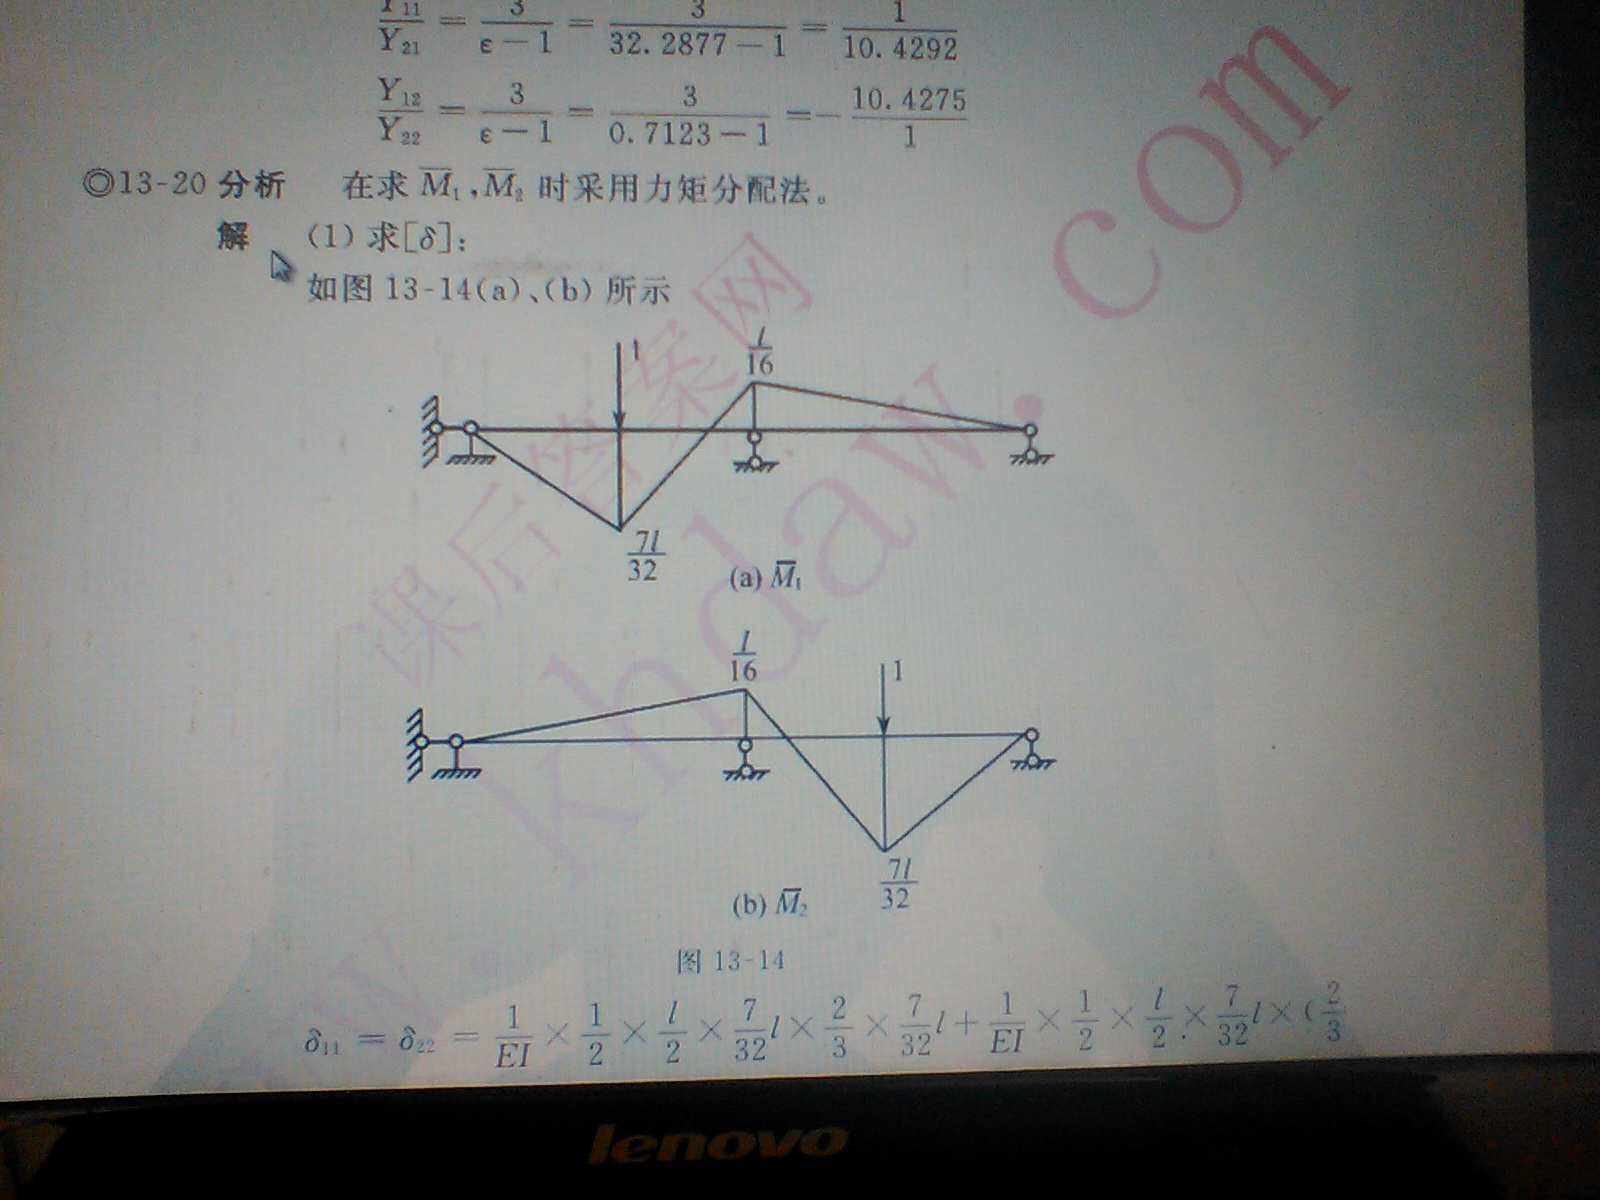 结构力学 此图弯矩图 怎么画